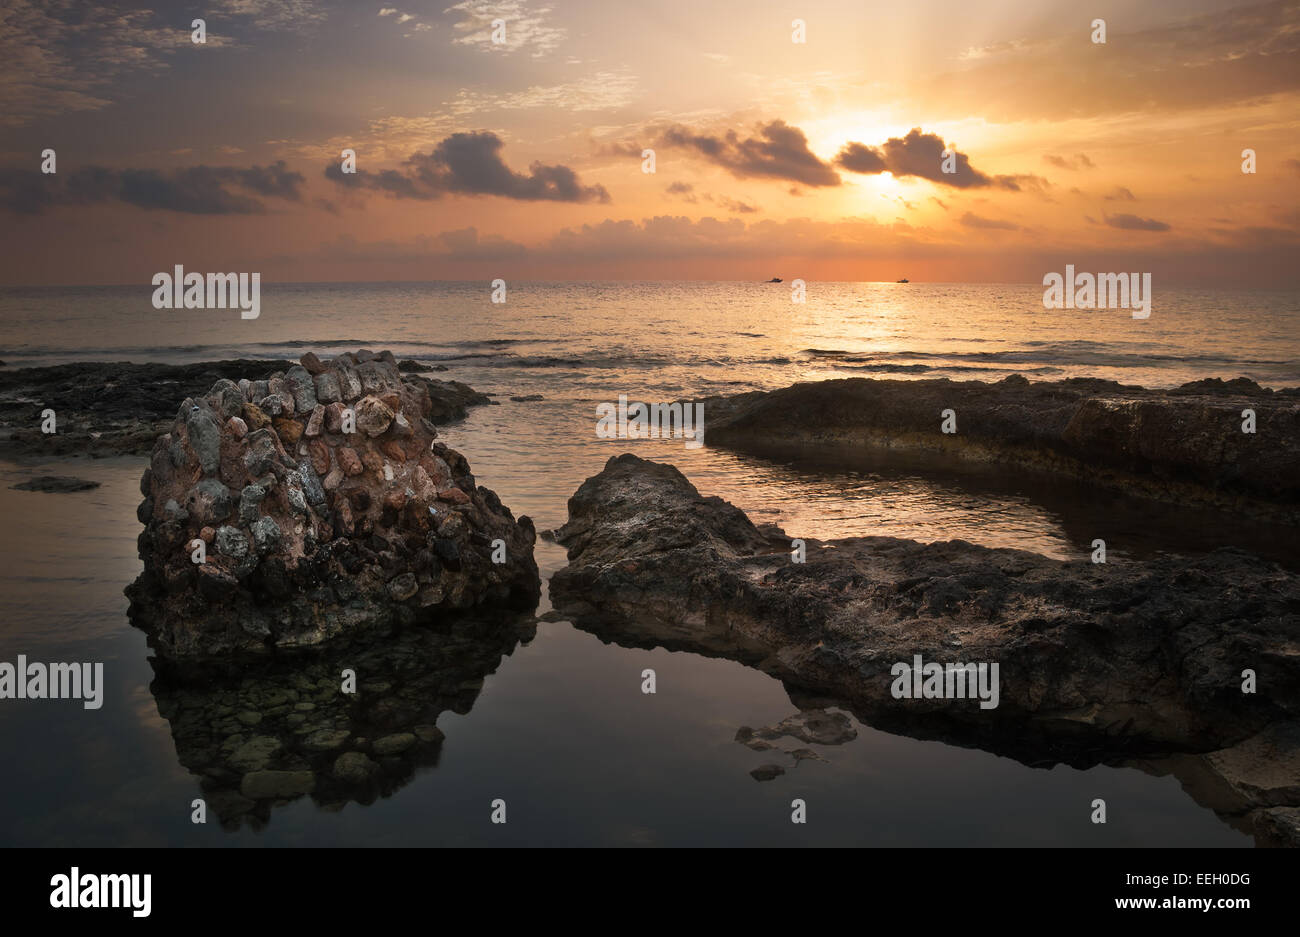 Coucher de soleil sur la mer et côte rocheuse avec d'anciennes ruines à Mahdia, Tunisie Photo Stock